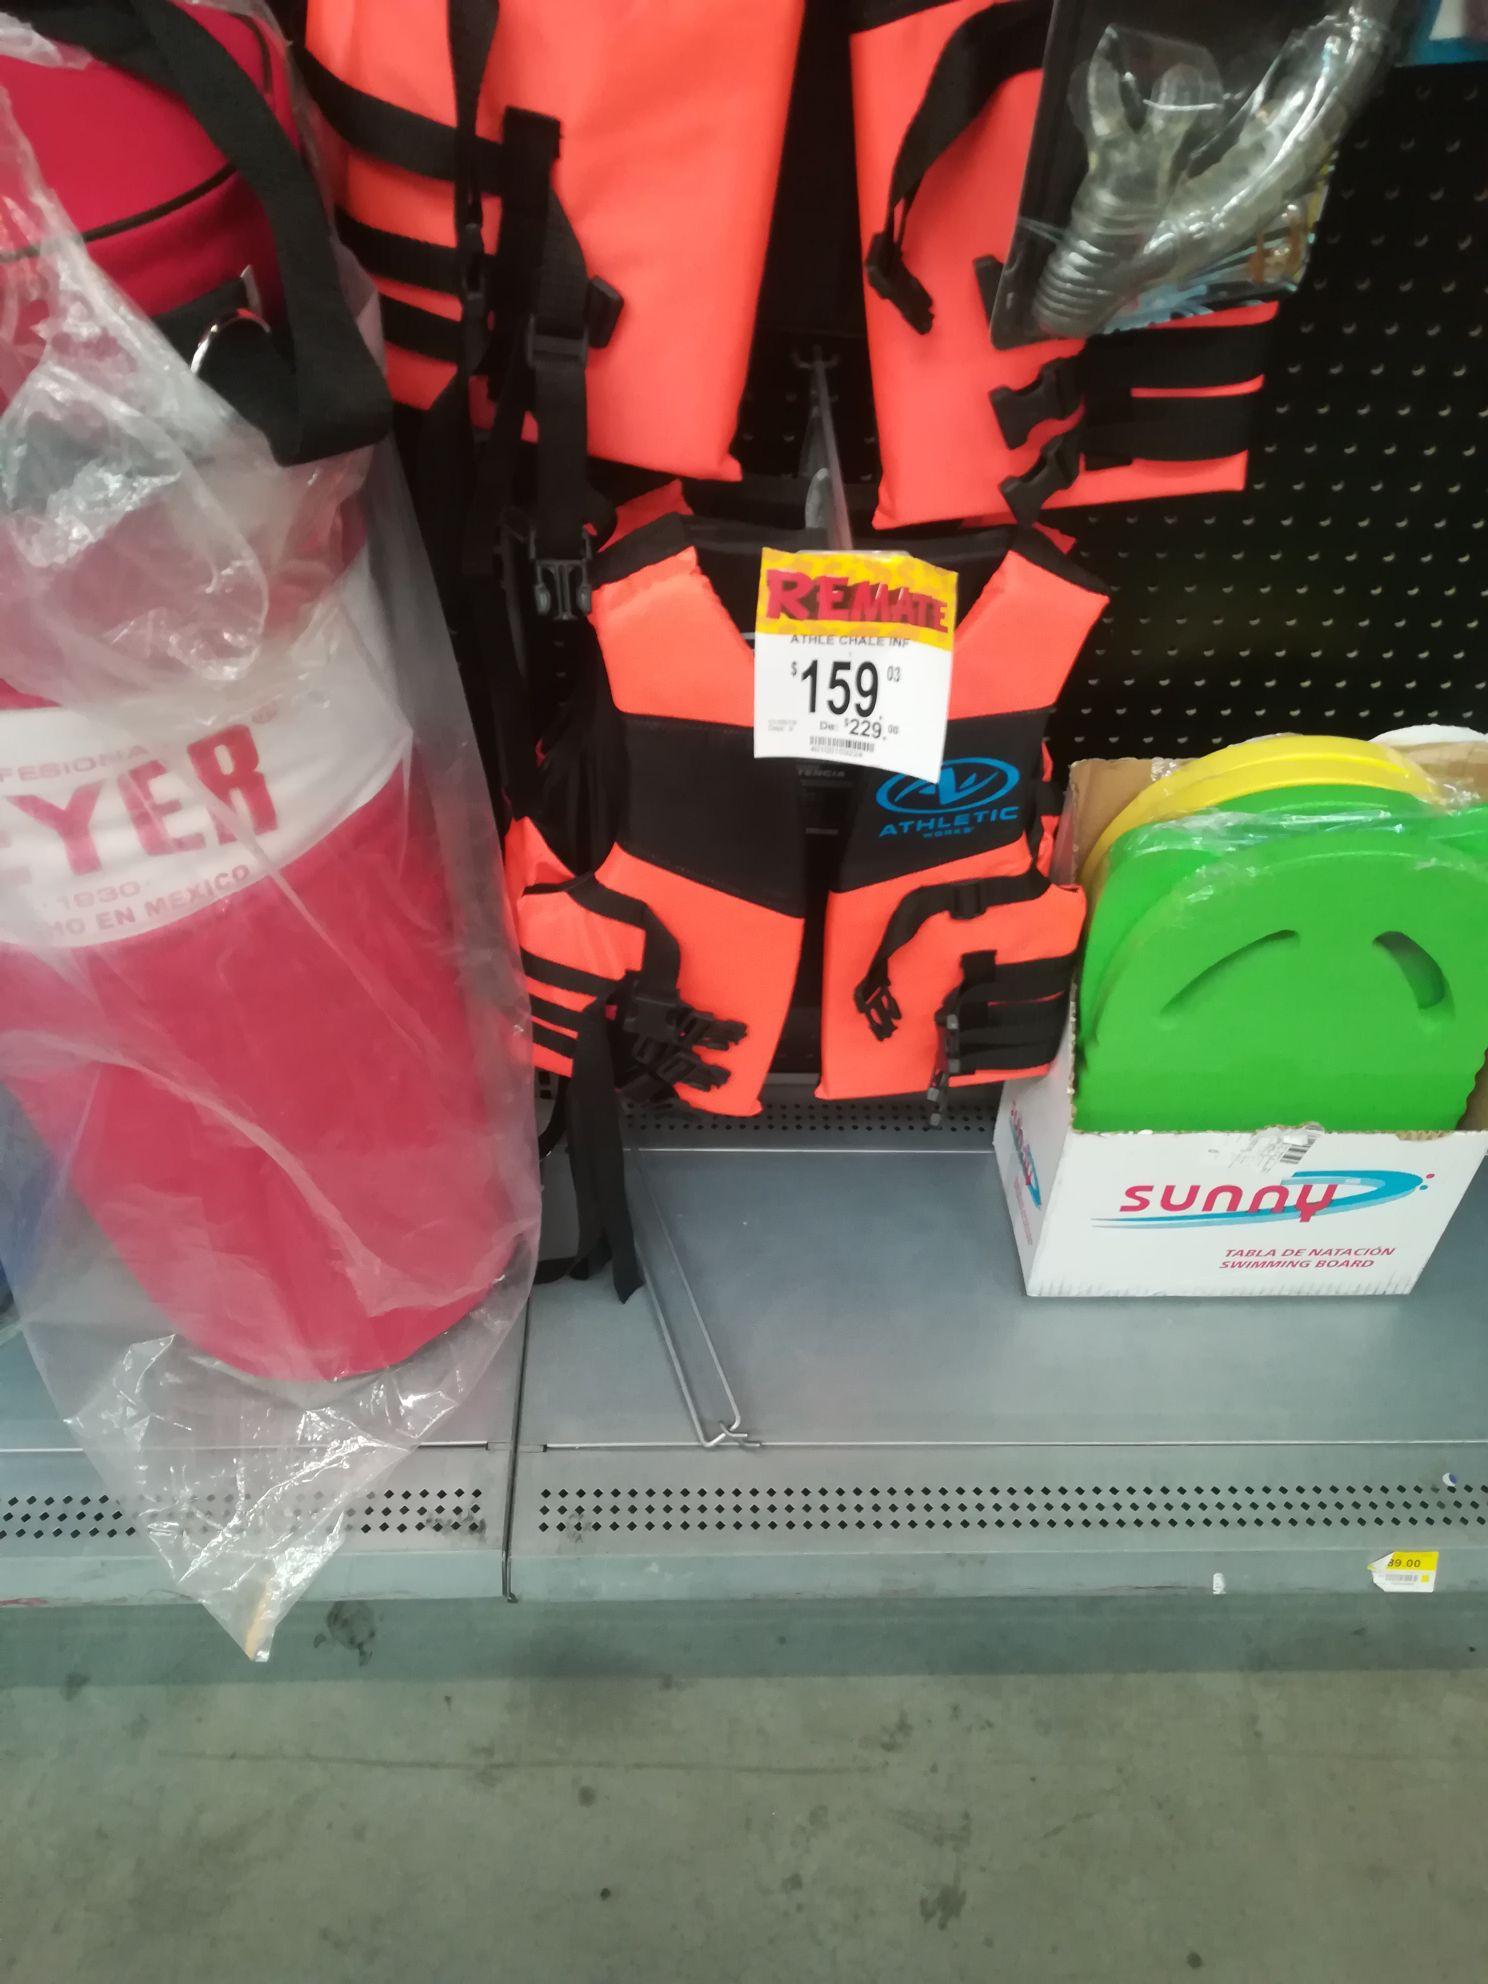 Bodega Aurrera: Chaleco salvavidas para niños . Puebla